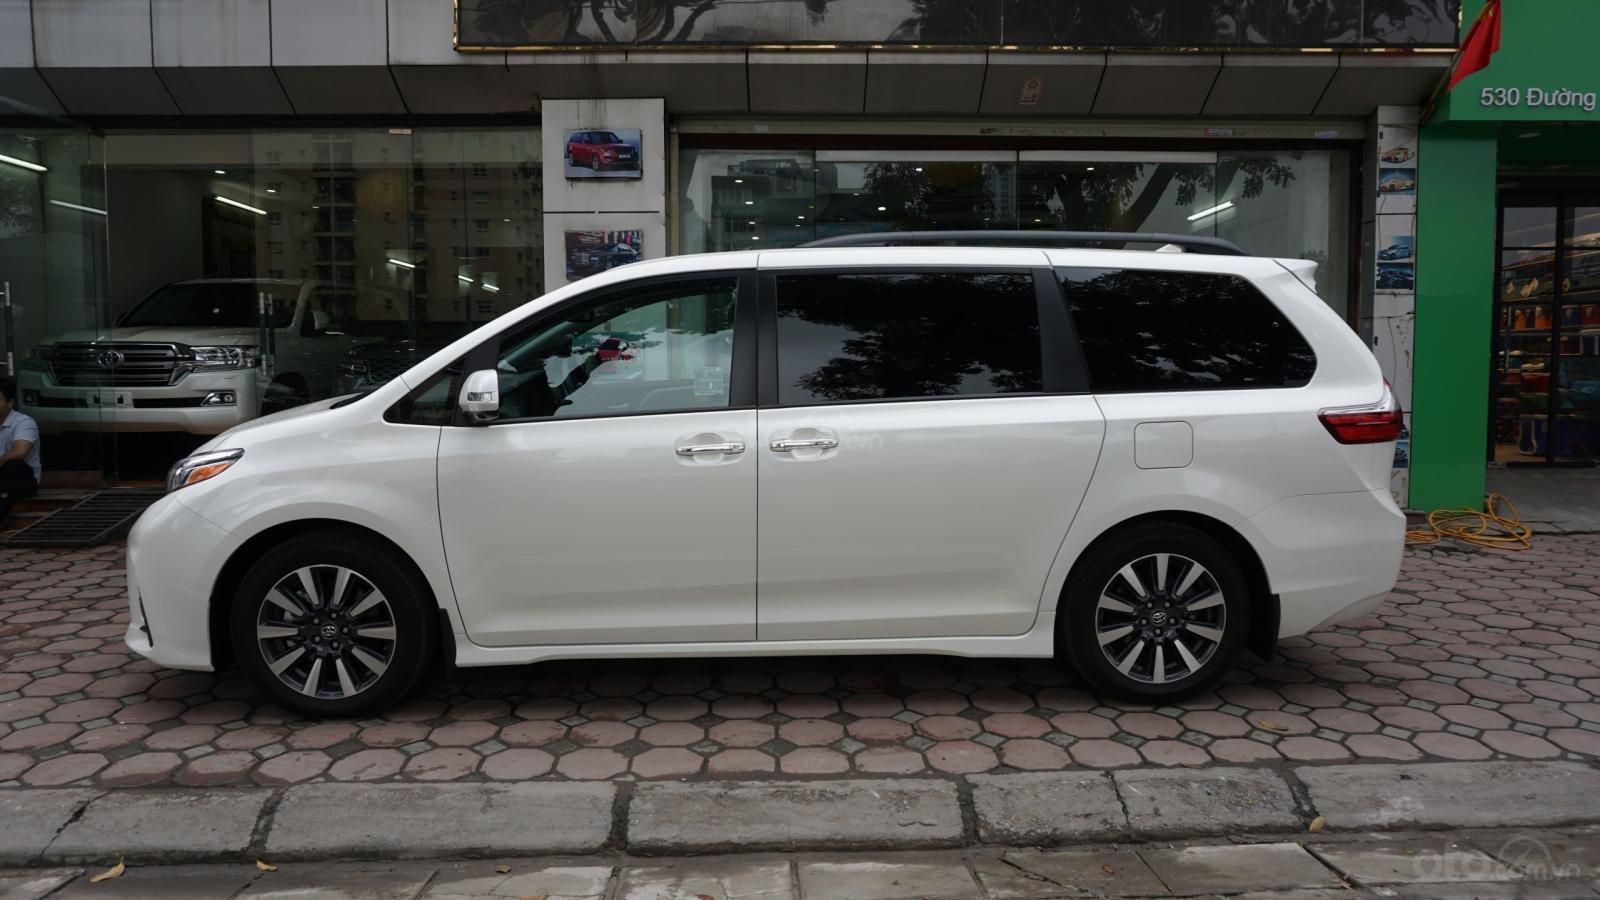 Bán Toyota Sienna Limited 1 cầu 2019, giá tốt, xe giao ngay trong ngày, LH Ms Hương 094.539.2468 (4)